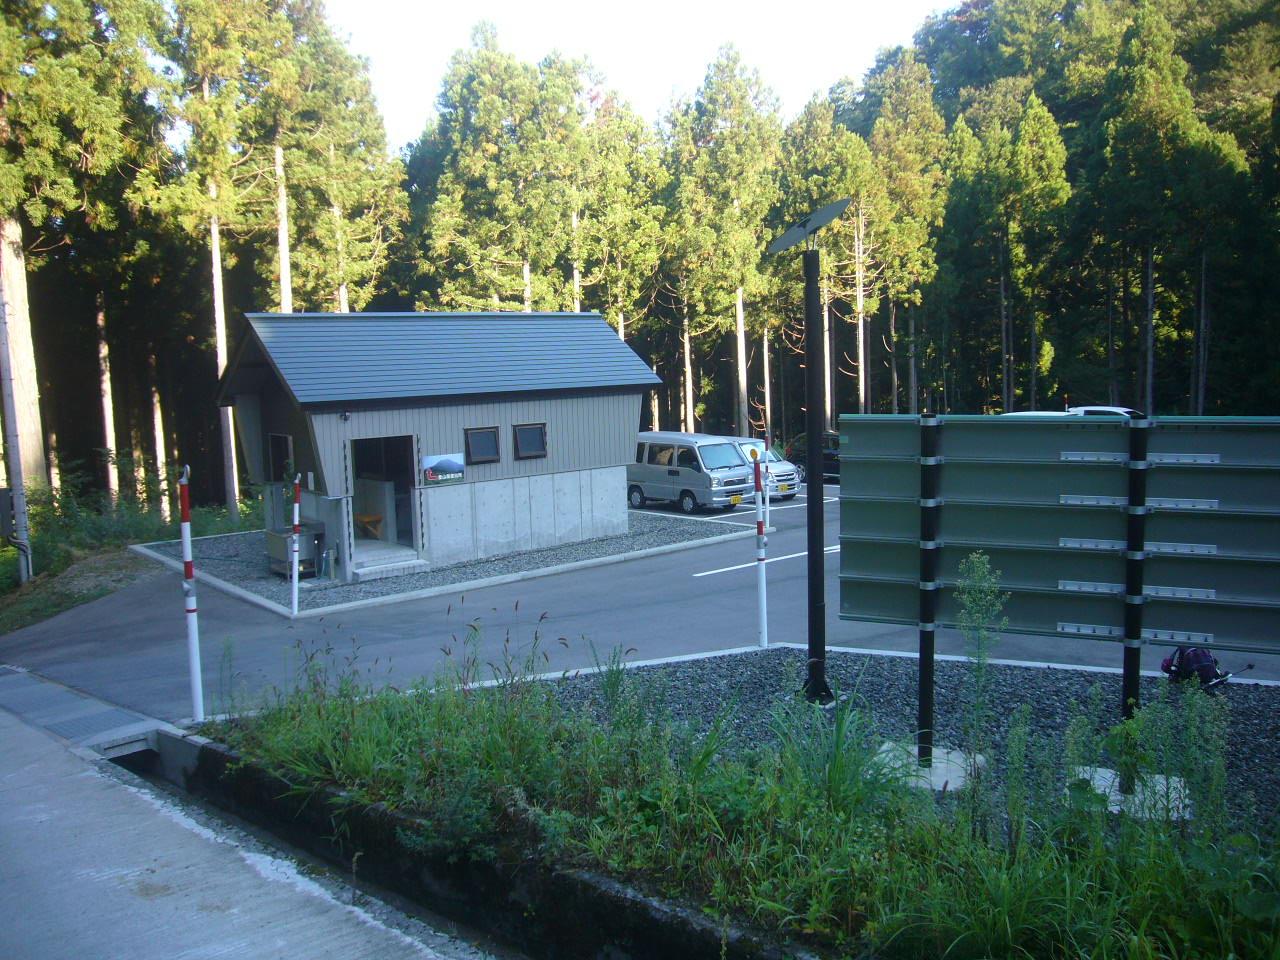 中出登山口駐車場 H26.9.21撮影